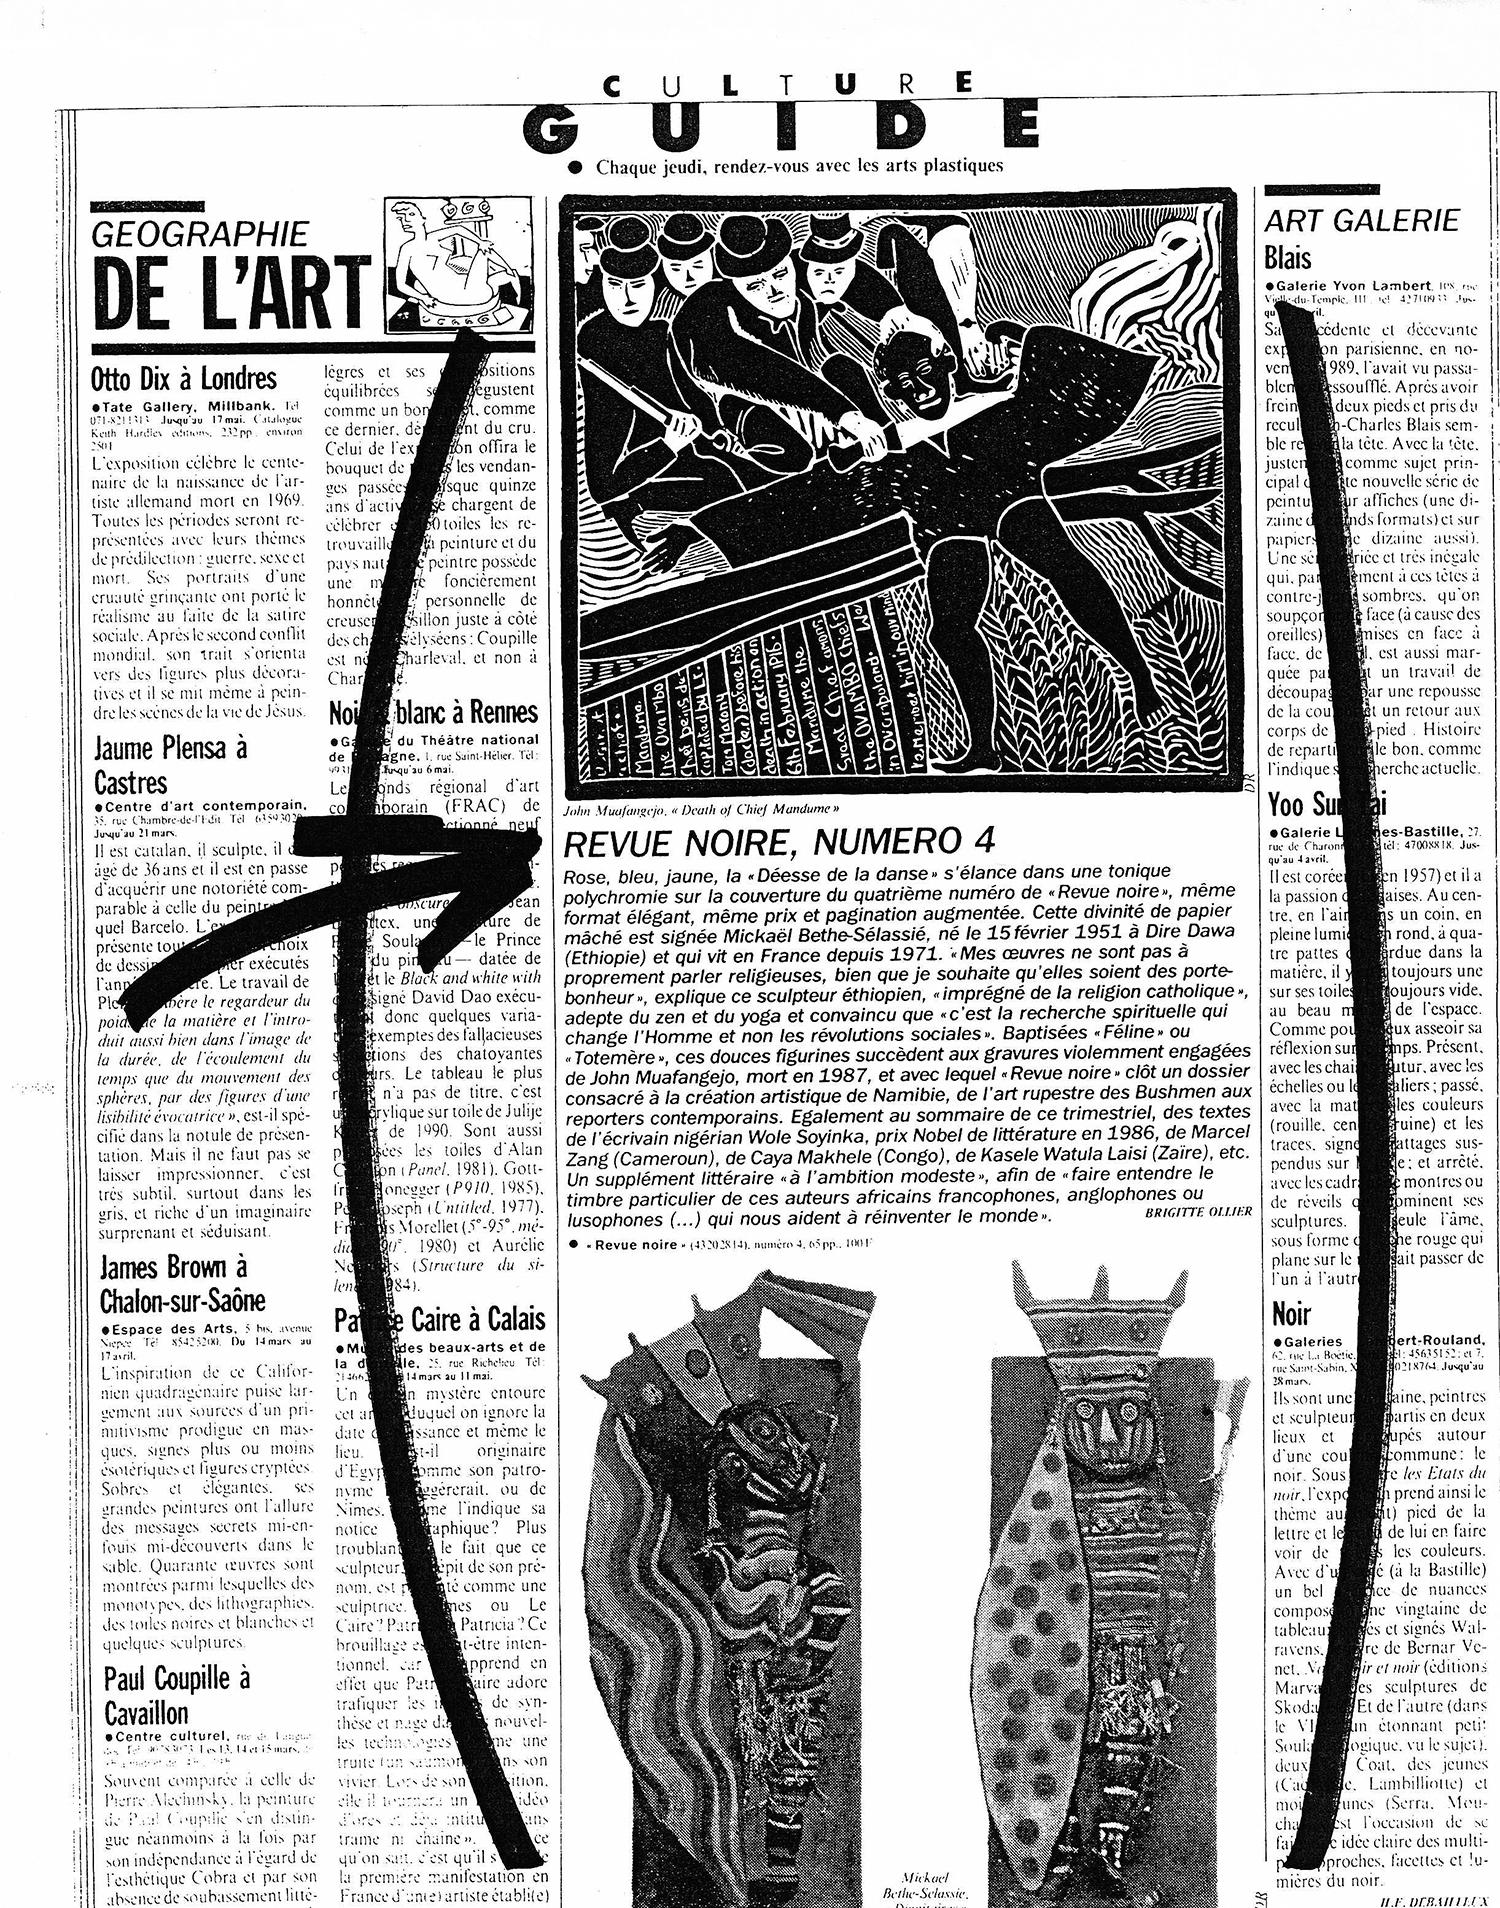 REVUE NOIRE revue de presse: Libération mars 1992 par Brigitte Ollier. Revue Noire numéro 4 namibie + Mickaël Bethe Séléassié